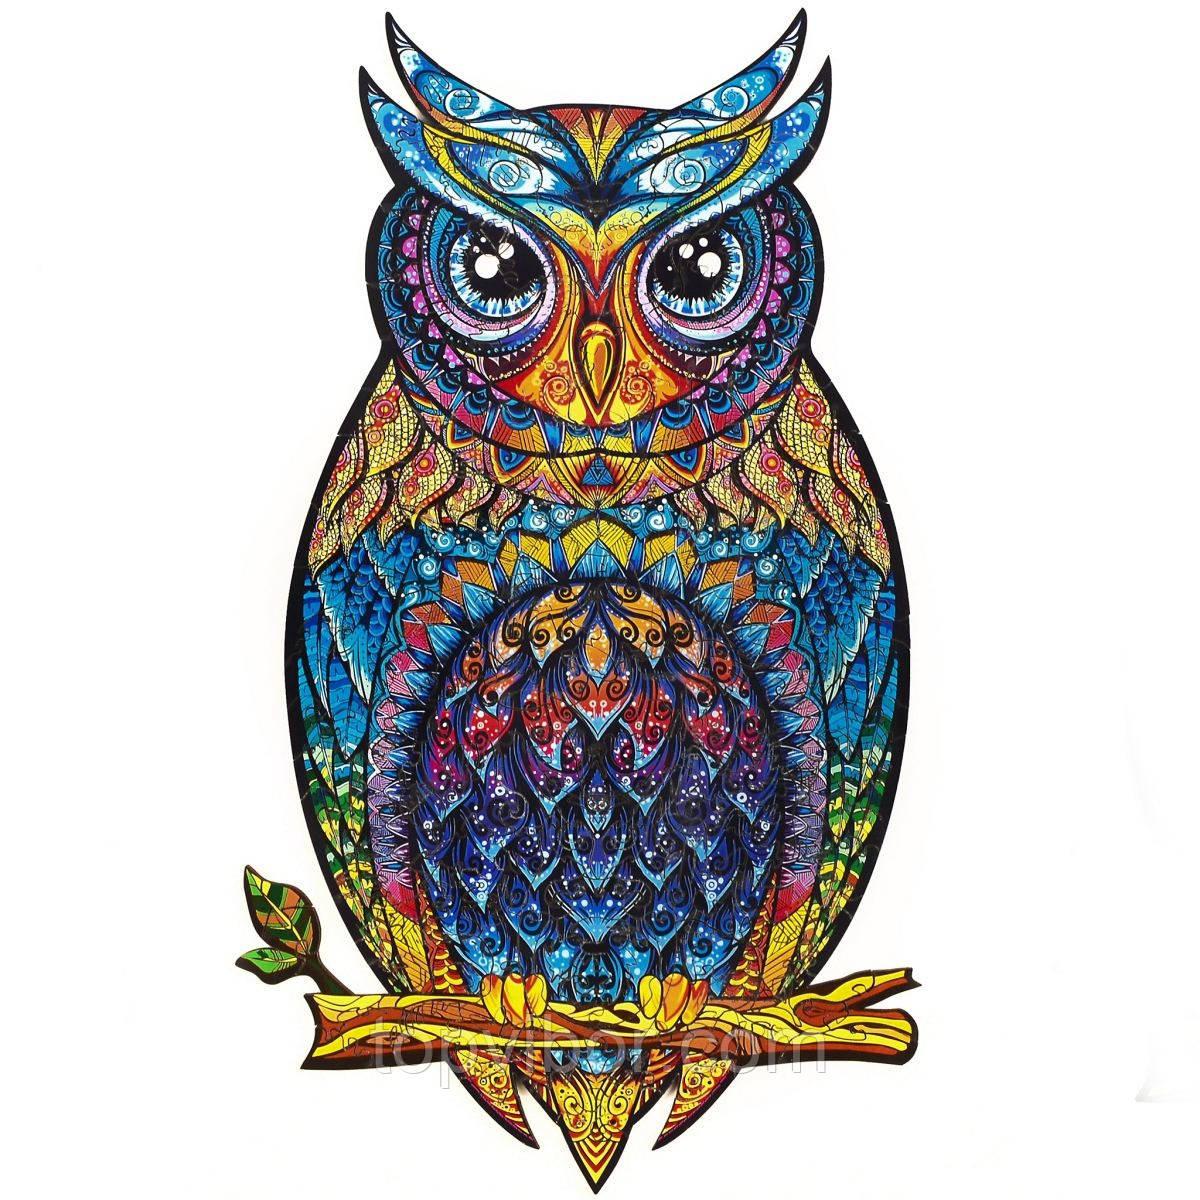 """Пазл Сова из дерева """"Wooden jigsaw puzzle - Owl"""" А5, деревянные пазлы для детей и взрослых (VT)"""